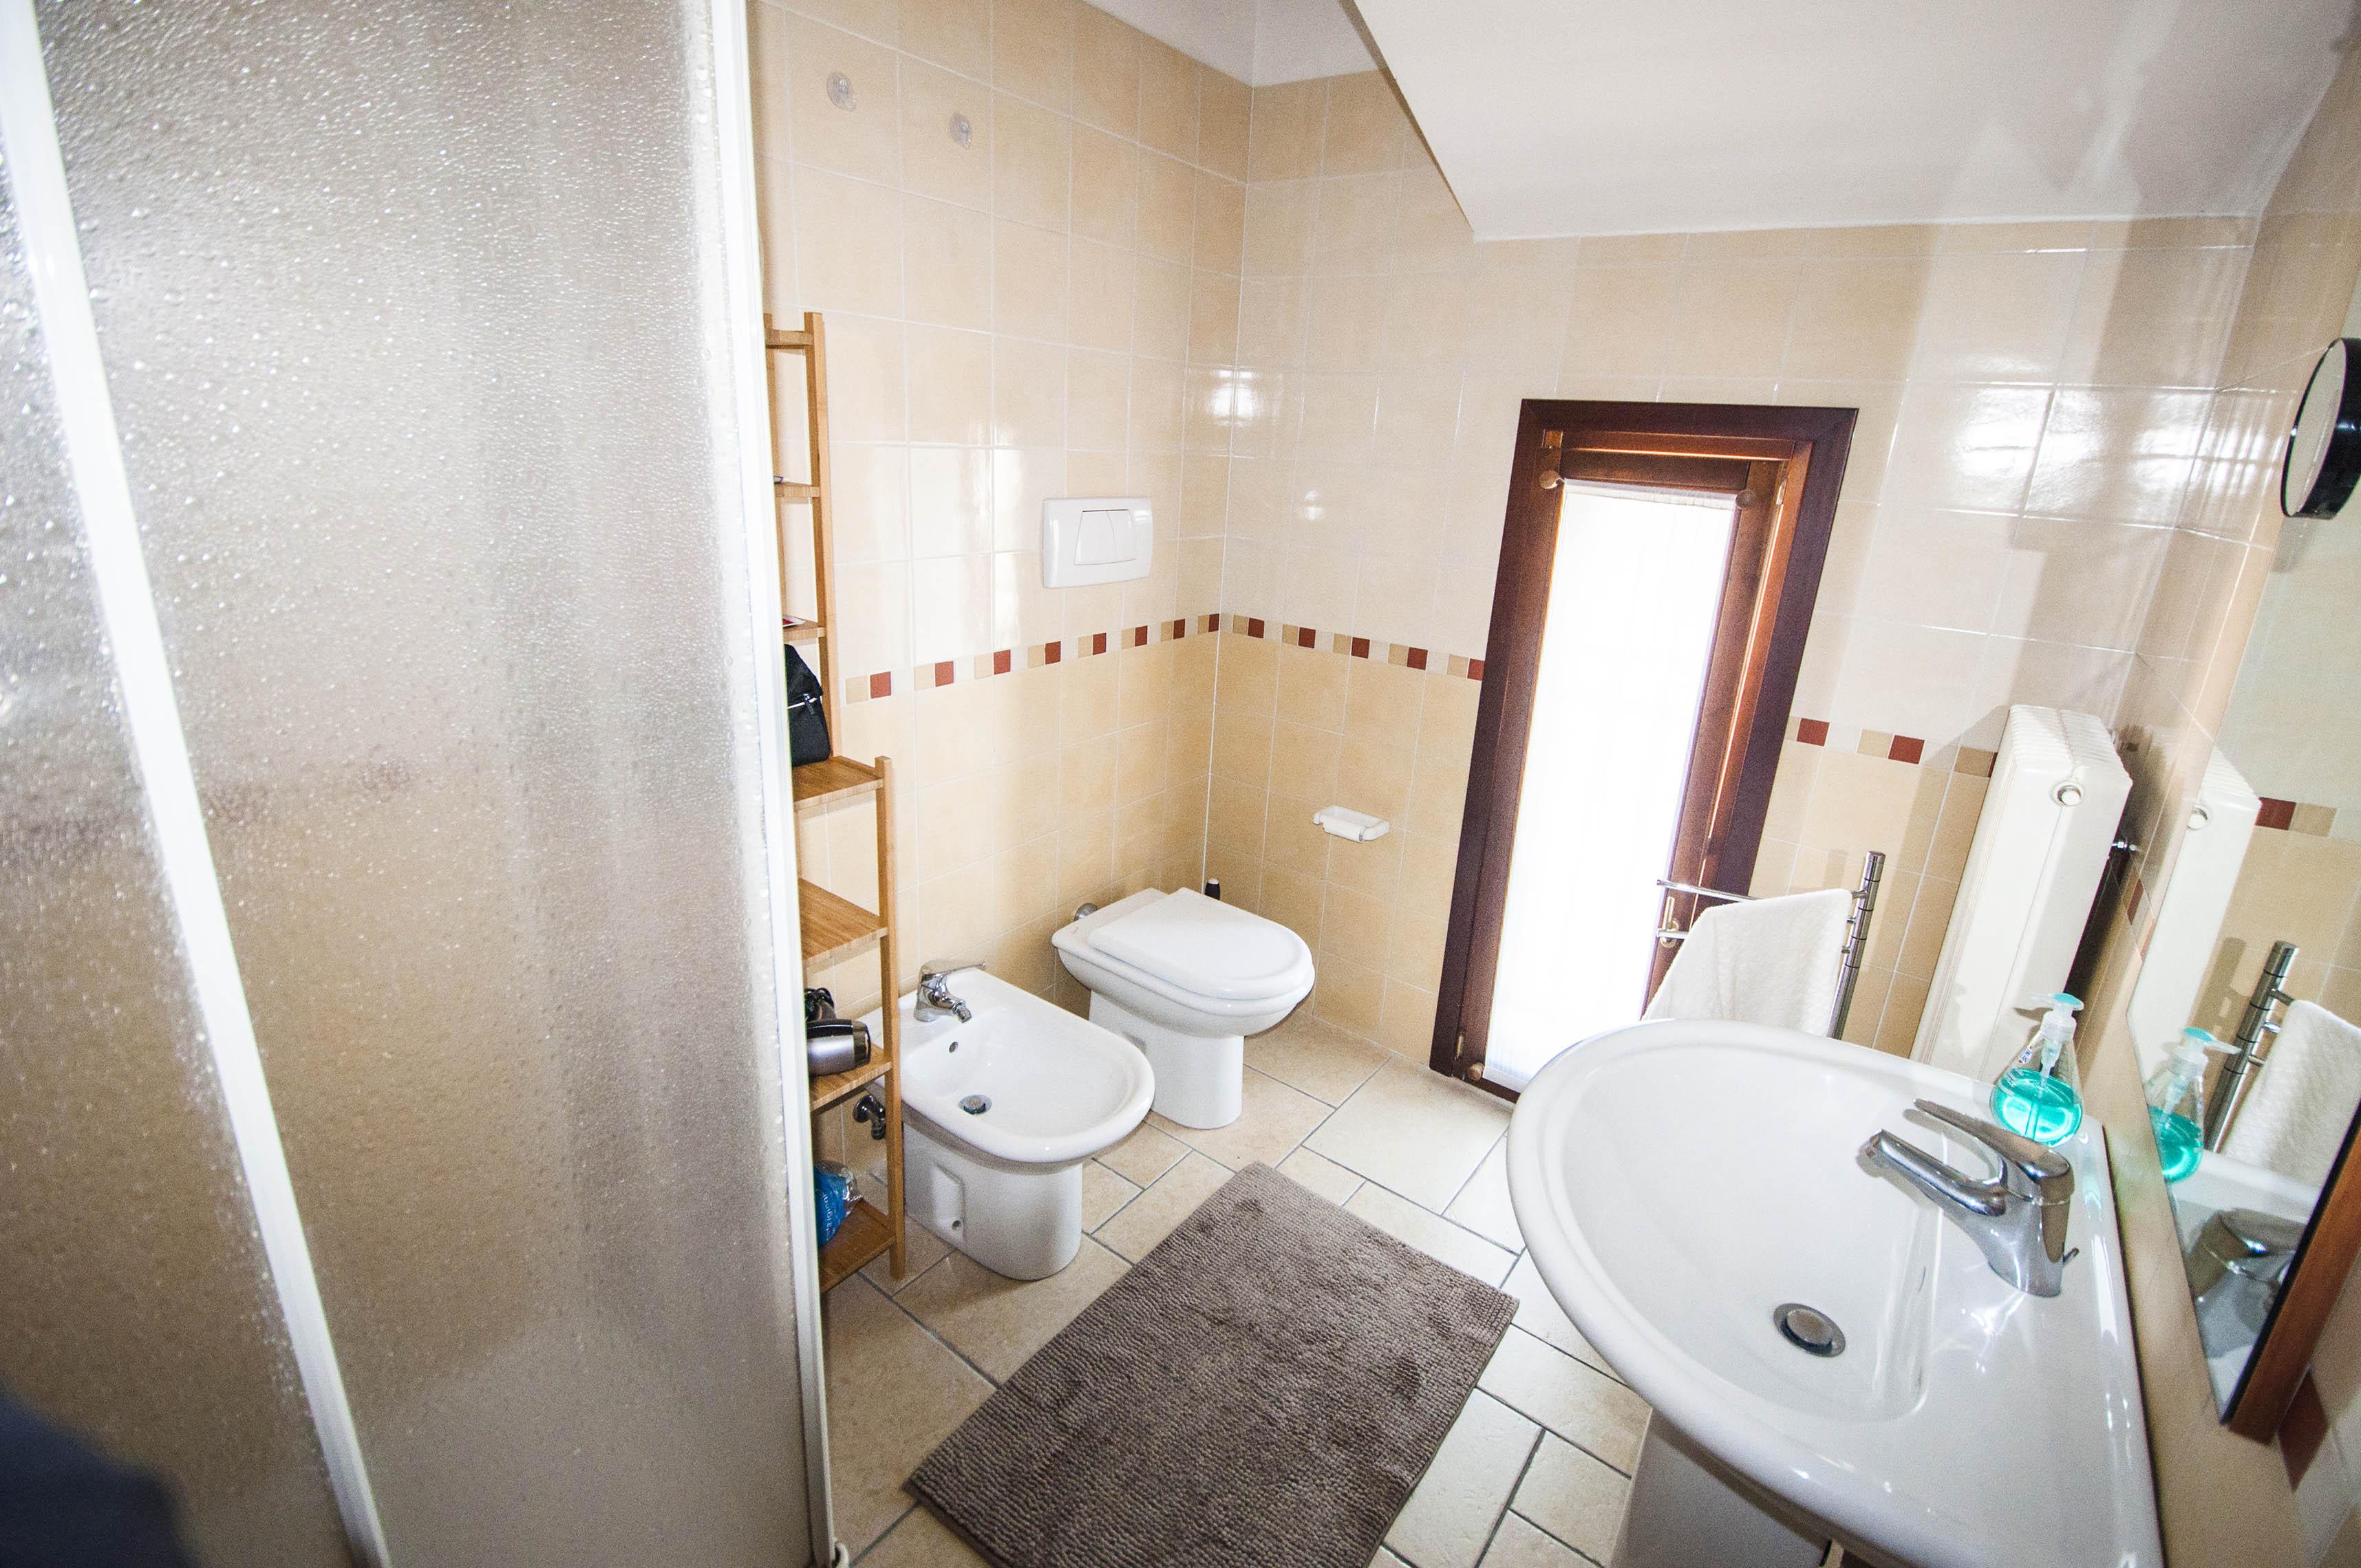 Camere-in-affitto-Villorba-Treviso-Ospedale-Stazione-Studio-Architettura-Zanatta_04